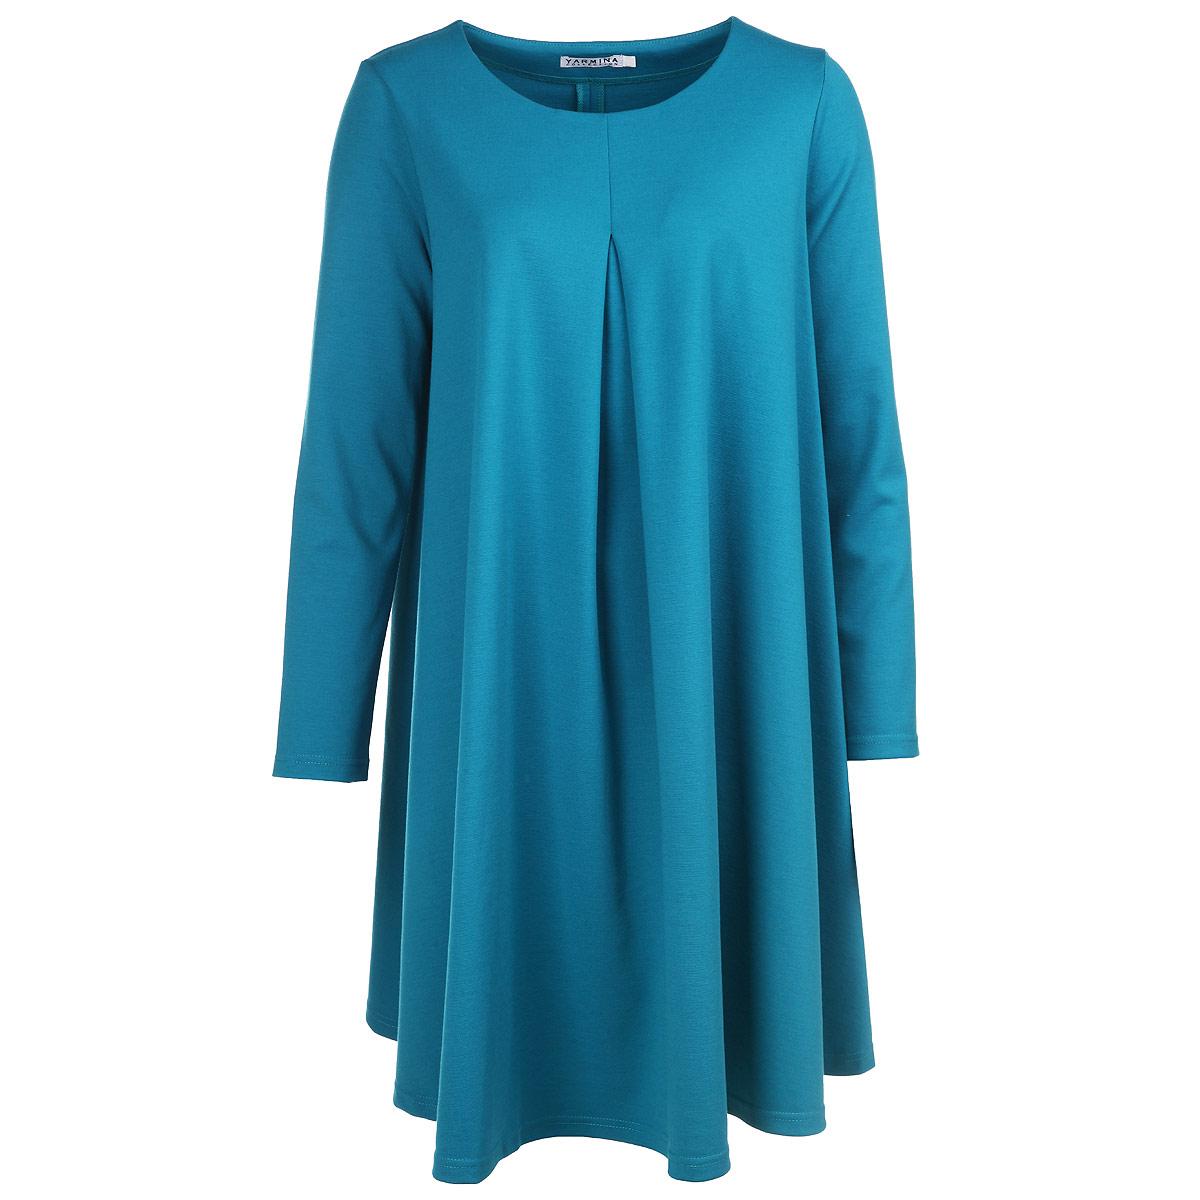 Платье. Y0212-0048Y0212-0048Элегантное платье Yarmina изготовлено из высококачественного материала. Такое платье обеспечит вам комфорт и удобство при носке. Платье с длинными рукавами и круглым вырезом горловины застегивается на застежку-молнию сзади, оно понравится любой ценительнице классического стиля и современных форм. Платье украшено встречной складкой спереди, и красиво драпируется. Изысканное свободное платье создаст обворожительный неповторимый образ. Это модное и удобное платье станет превосходным дополнением к вашему гардеробу, оно подарит вам удобство и поможет вам подчеркнуть свой вкус и неповторимый стиль.